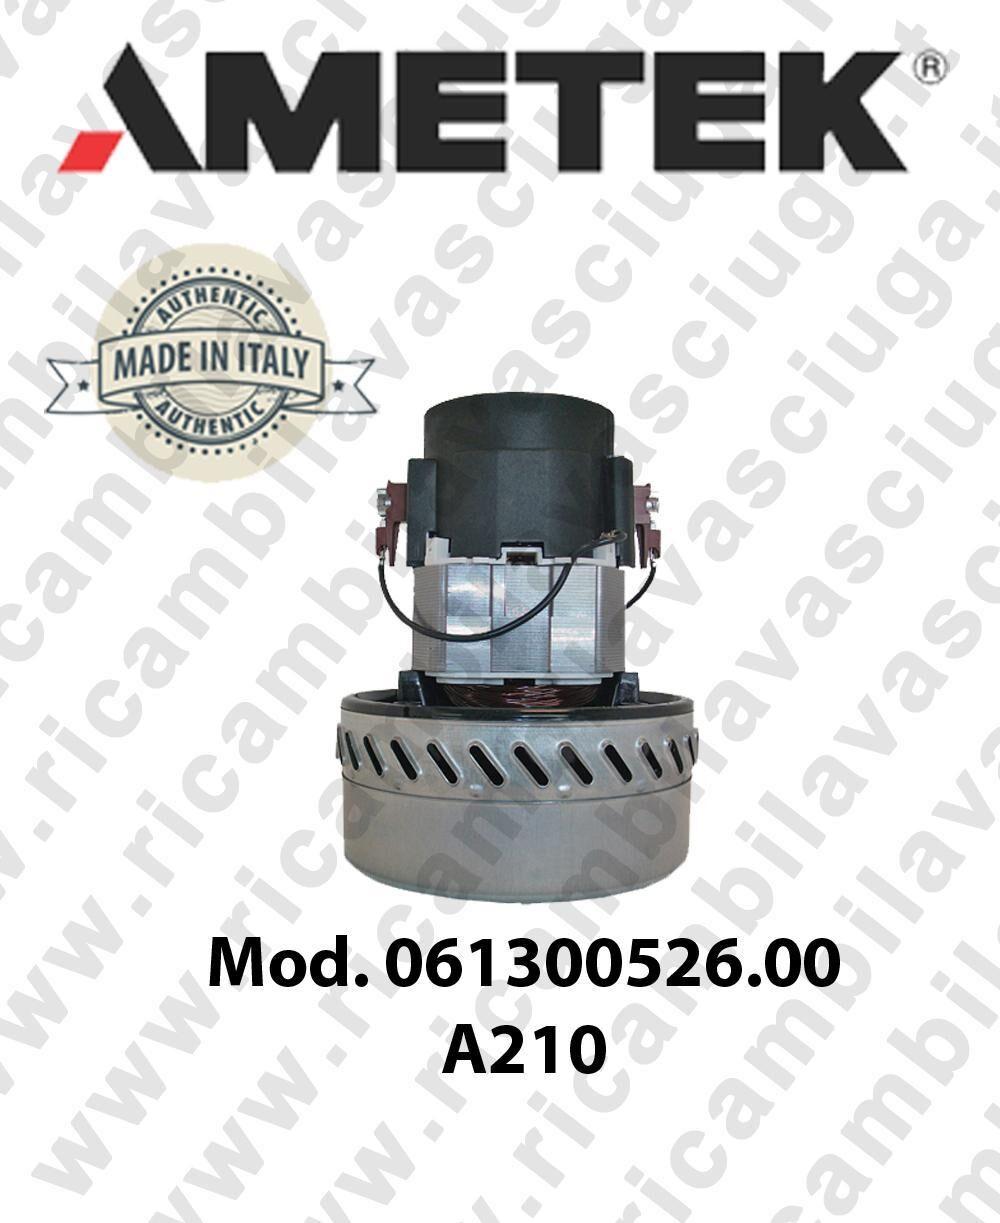 Ametek Motore aspirazione ITALIA 061300526.00 A 210 per aspirapolvere e aspiraliquidi